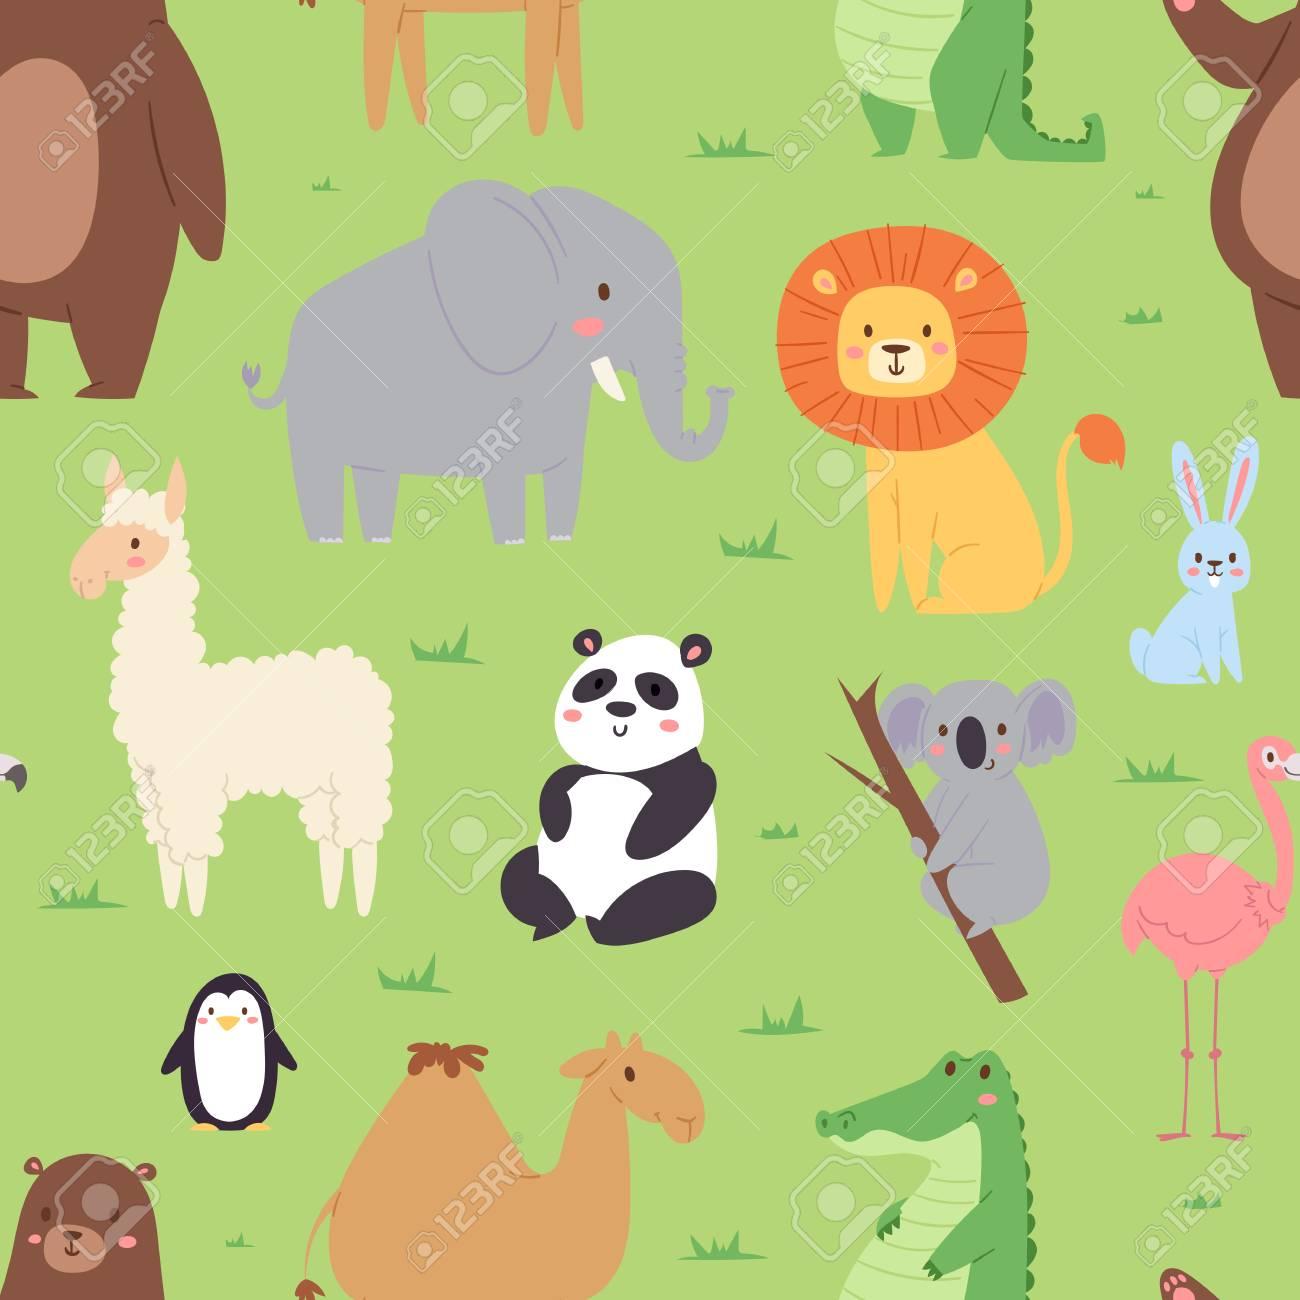 子供イラストの漫画動物野生動物壁紙動物園の野生の文字背景にシームレス